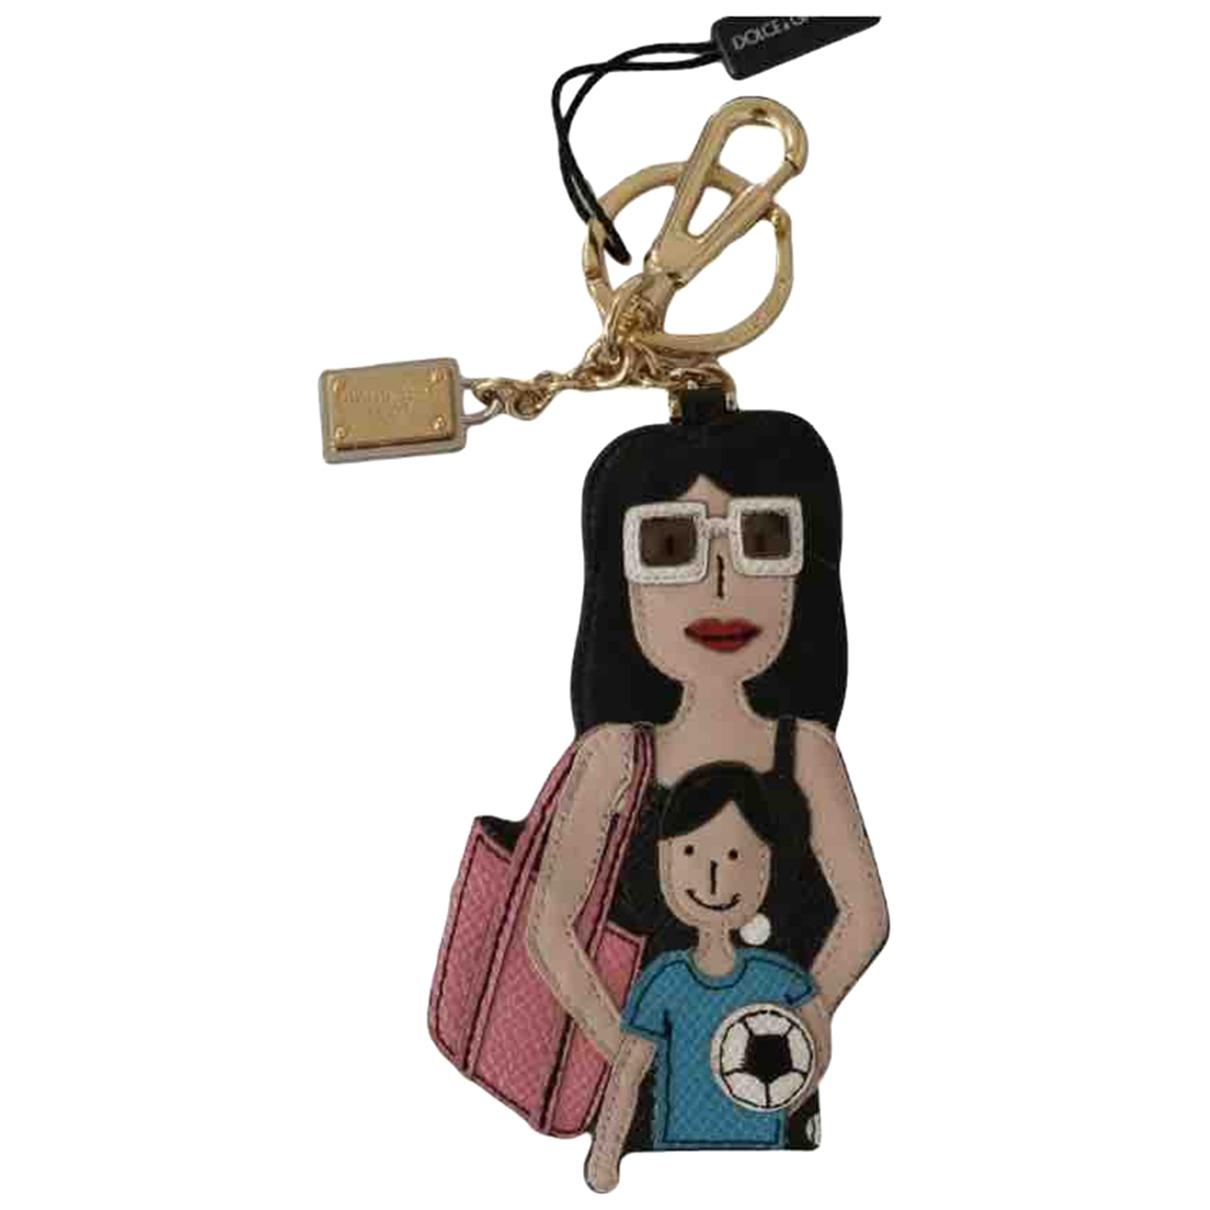 Dolce & Gabbana - Bijoux de sac   pour femme en metal - multicolore